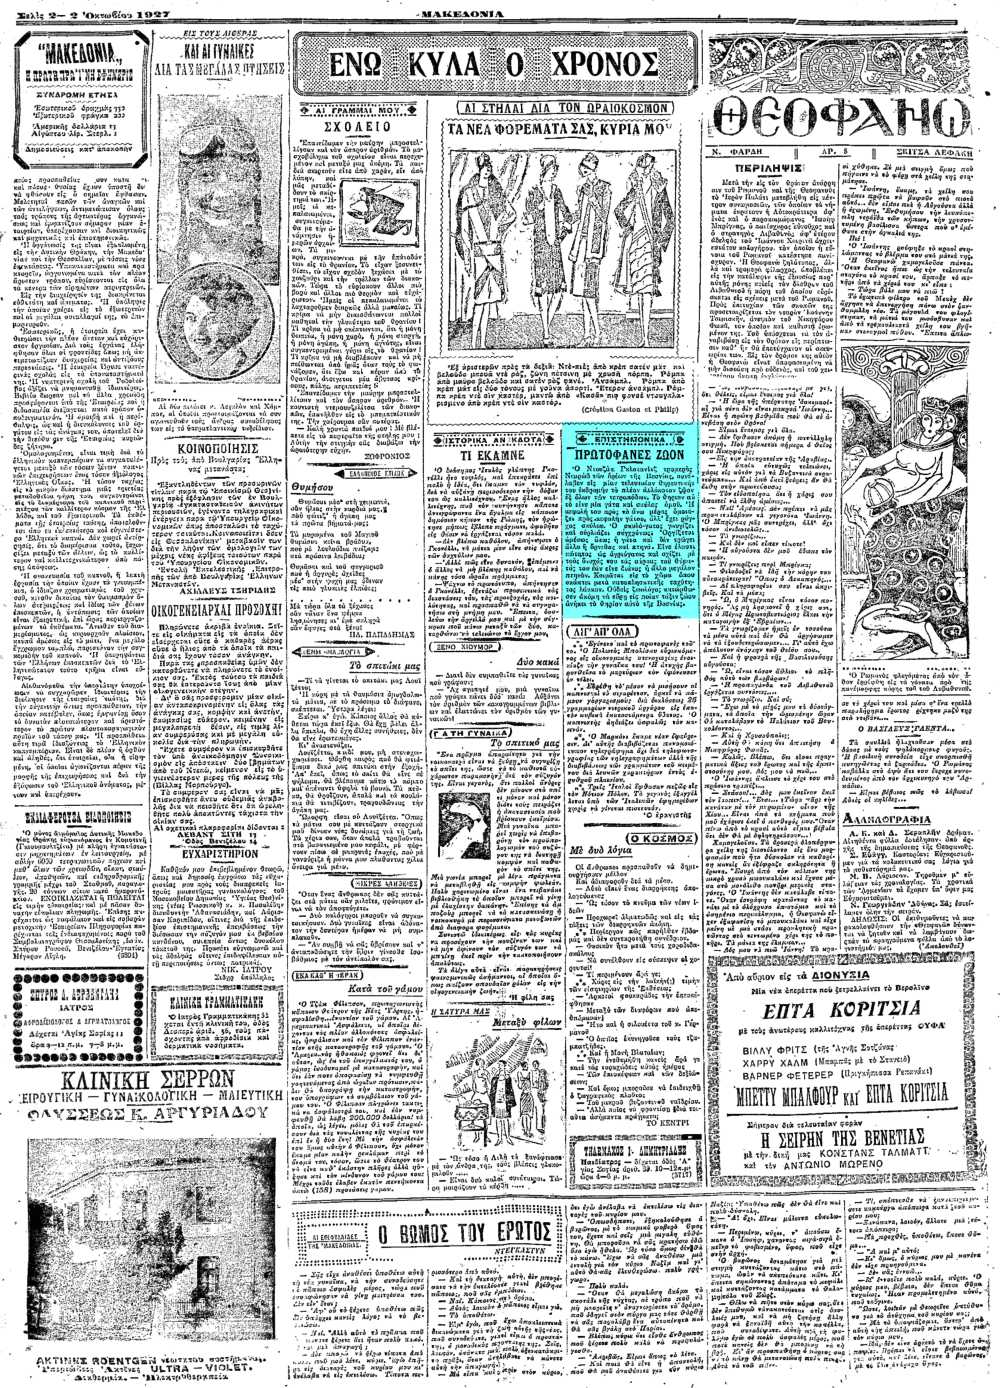 """Το άρθρο, όπως δημοσιεύθηκε στην εφημερίδα """"ΜΑΚΕΔΟΝΙΑ"""", στις 02/10/1927"""